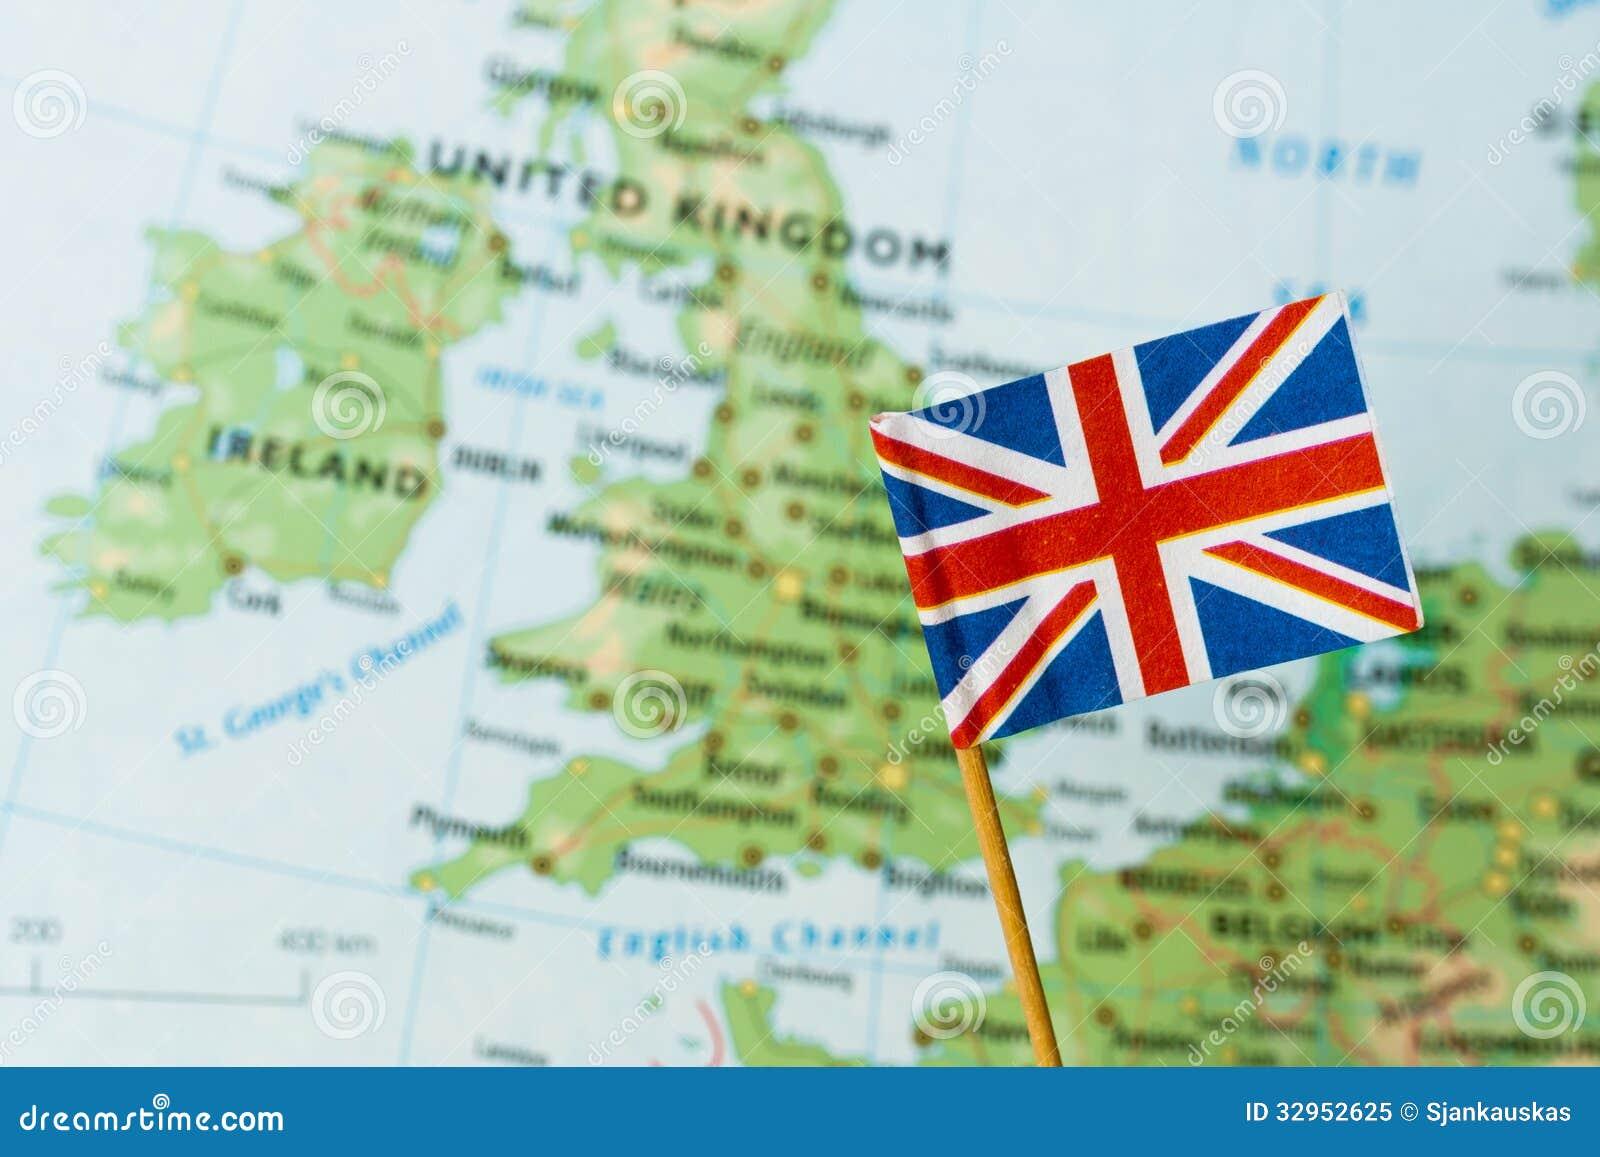 Flagge von Vereinigtem Königreich